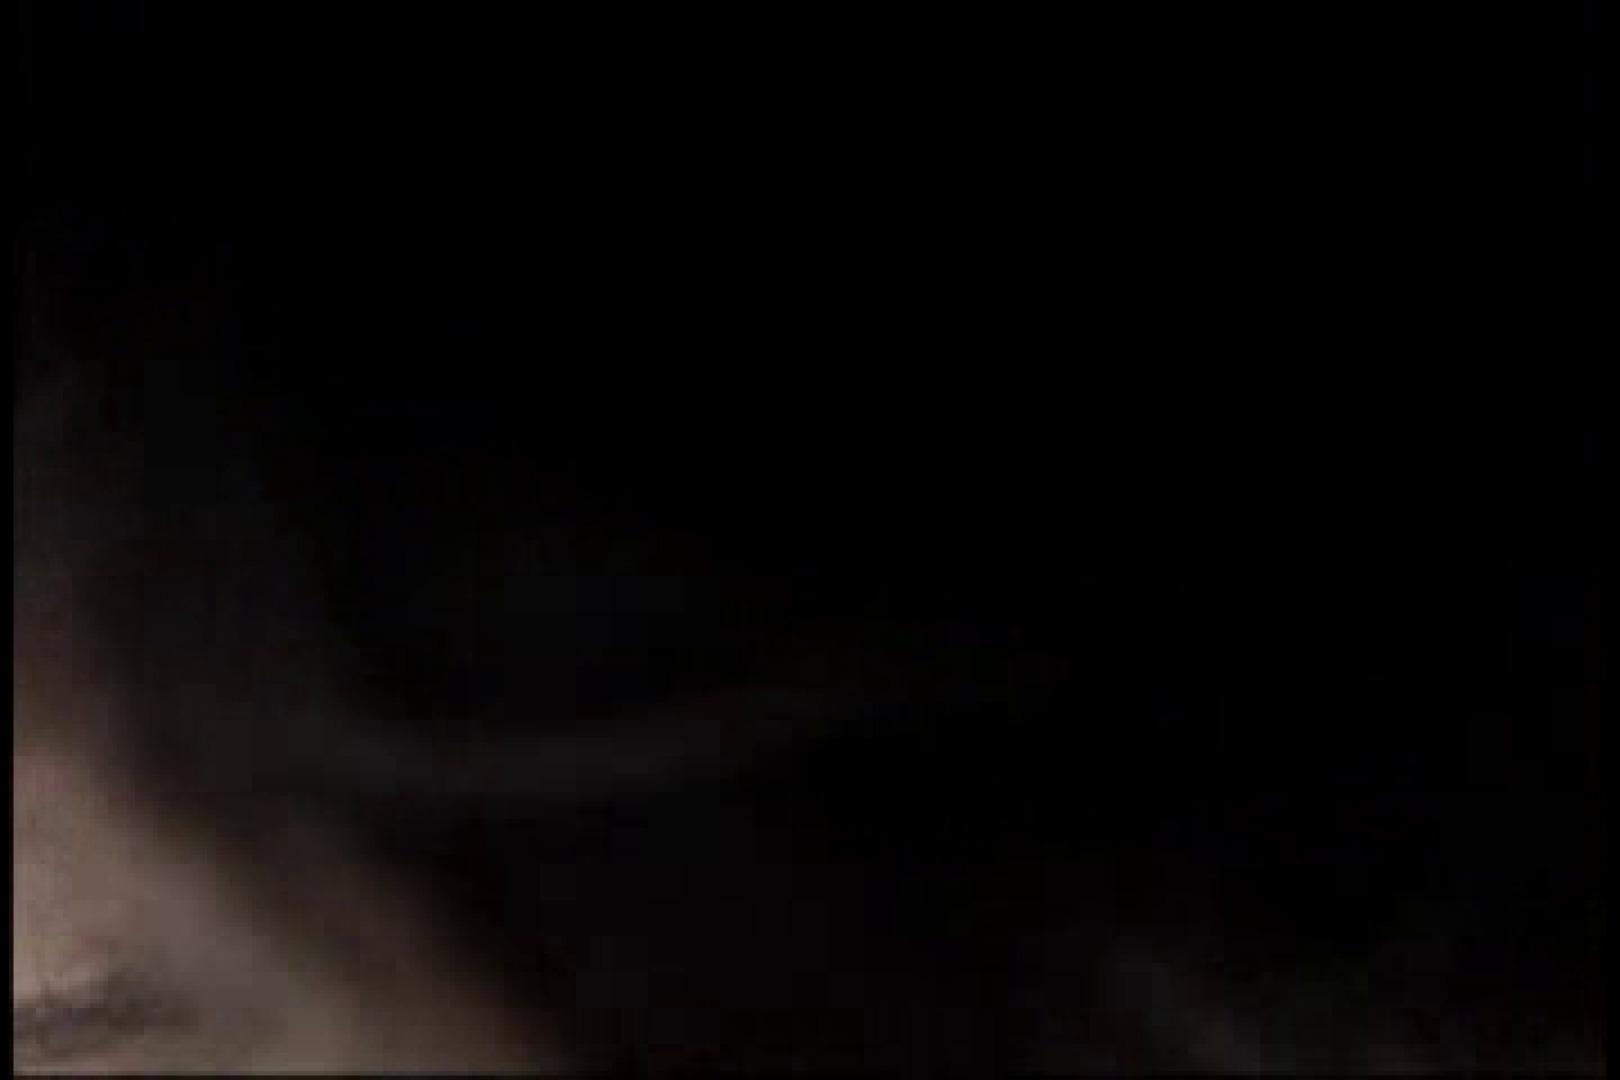 三ッ星シリーズ!!イケメン羞恥心!!File.02 アナル挿入 ゲイ無修正画像 92pic 91